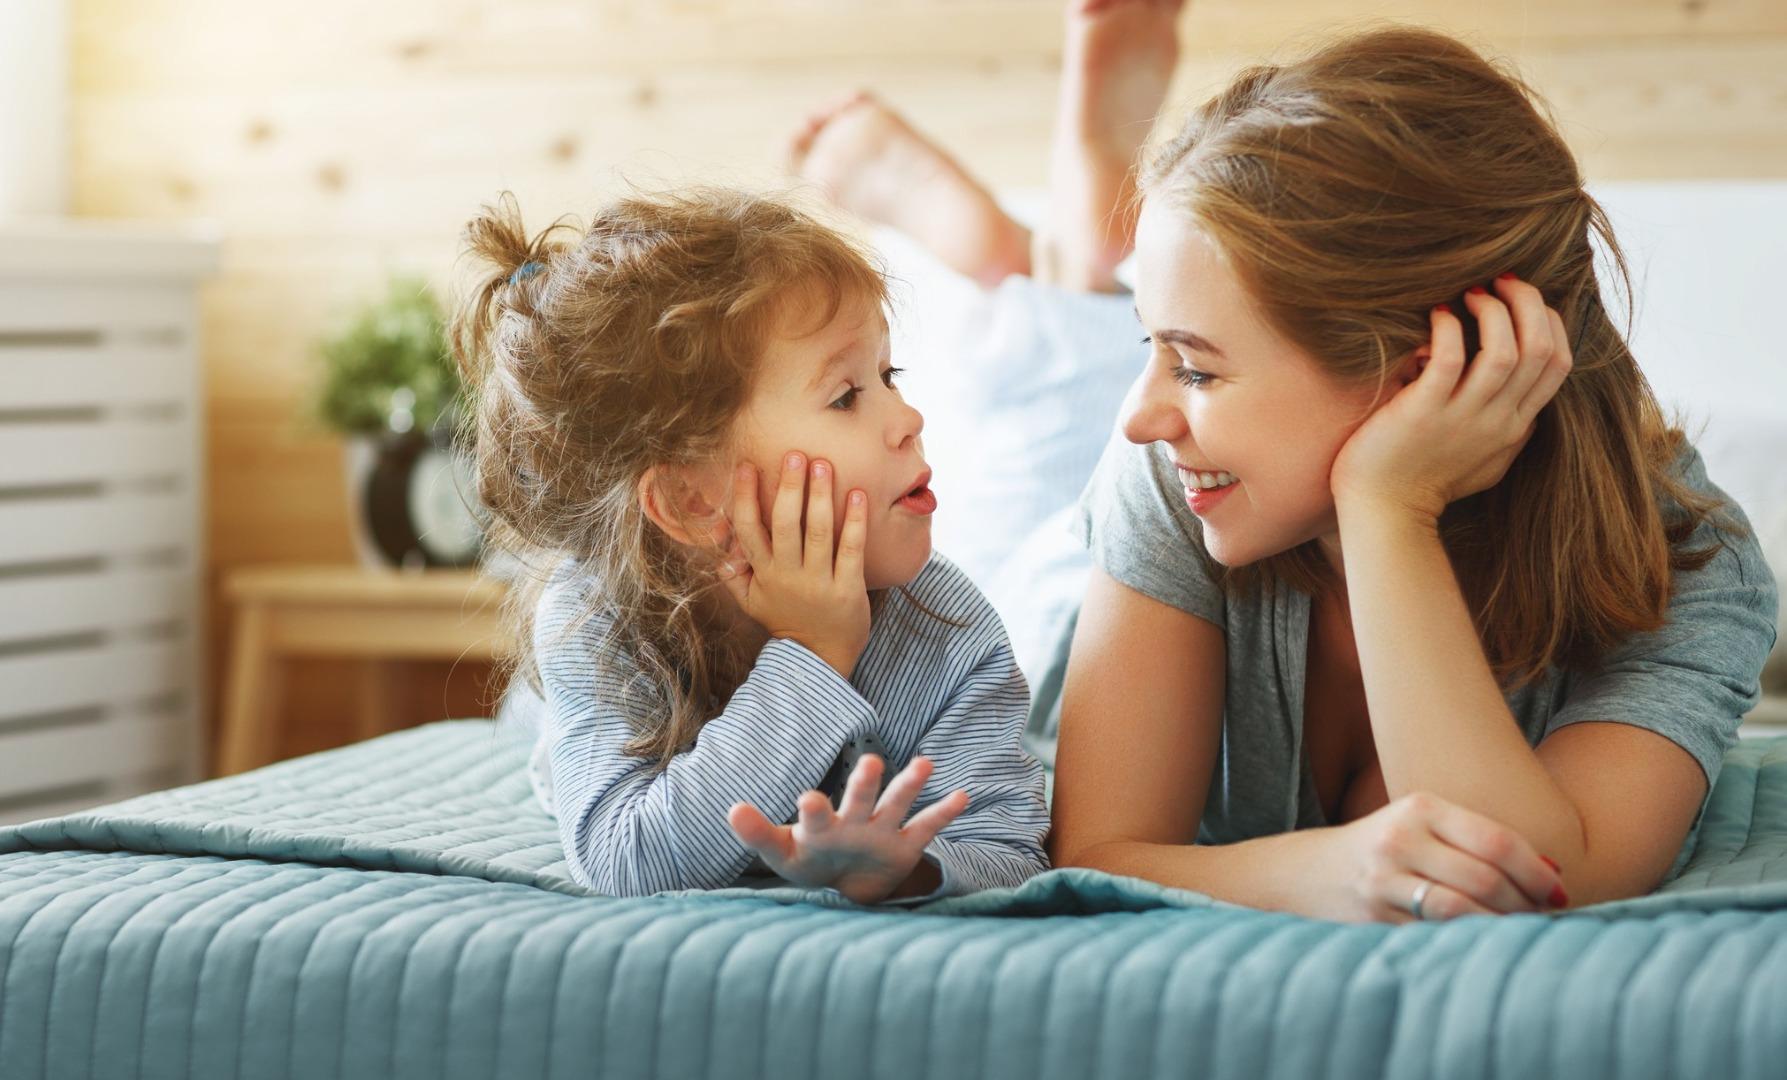 Ужастики и монстрики в носу. Как рассказать ребенку о вирусах и гриппе?